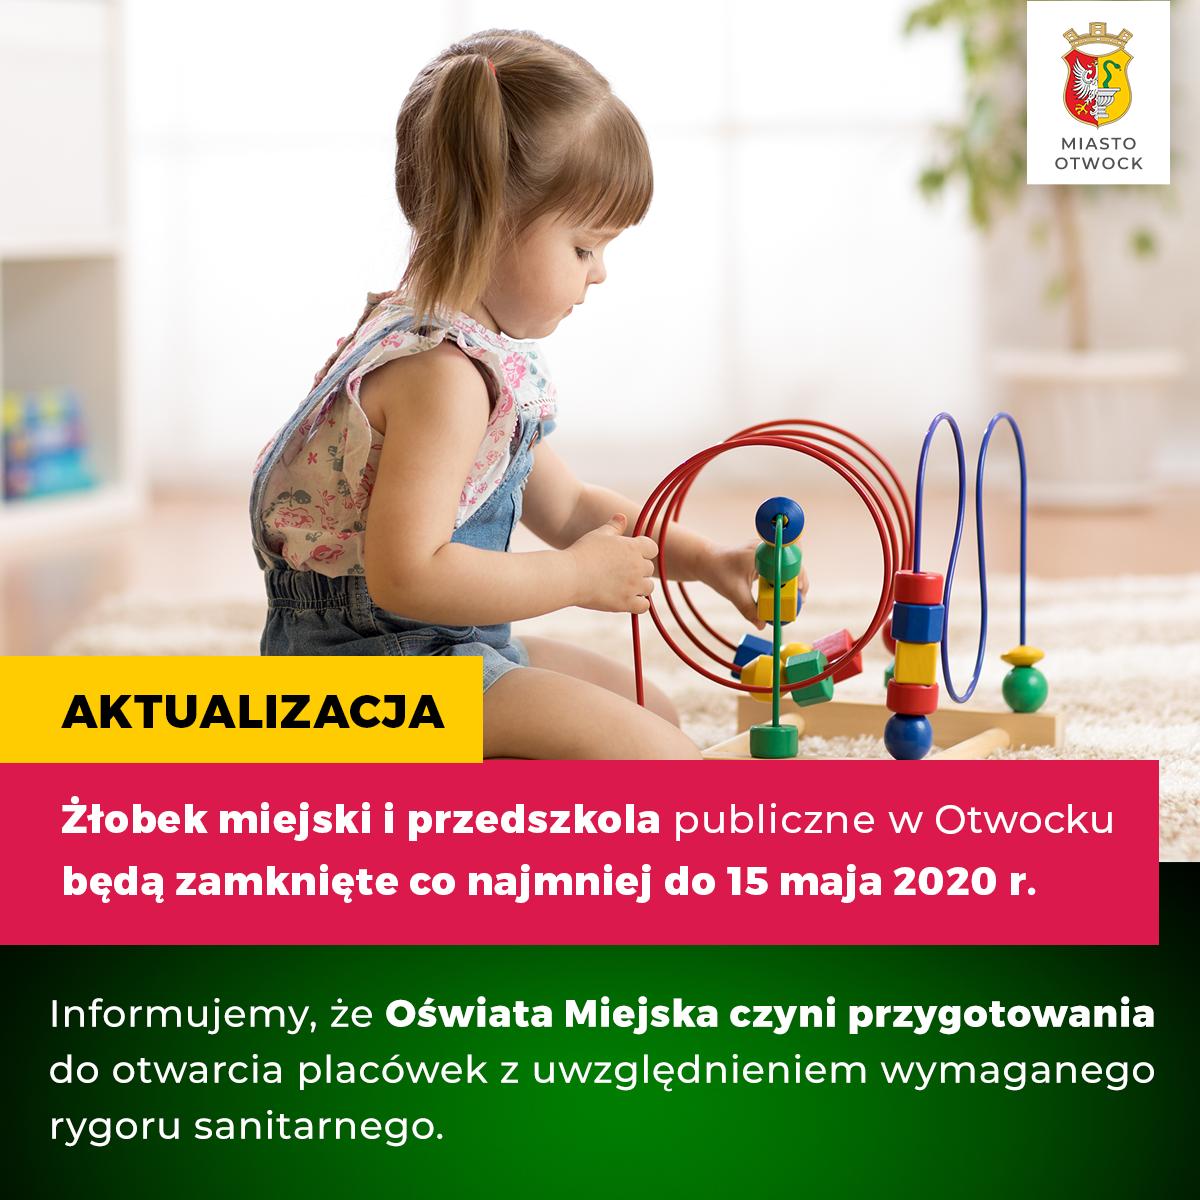 Żłobek Miejski i przedszkola zamknięte do 15 maja